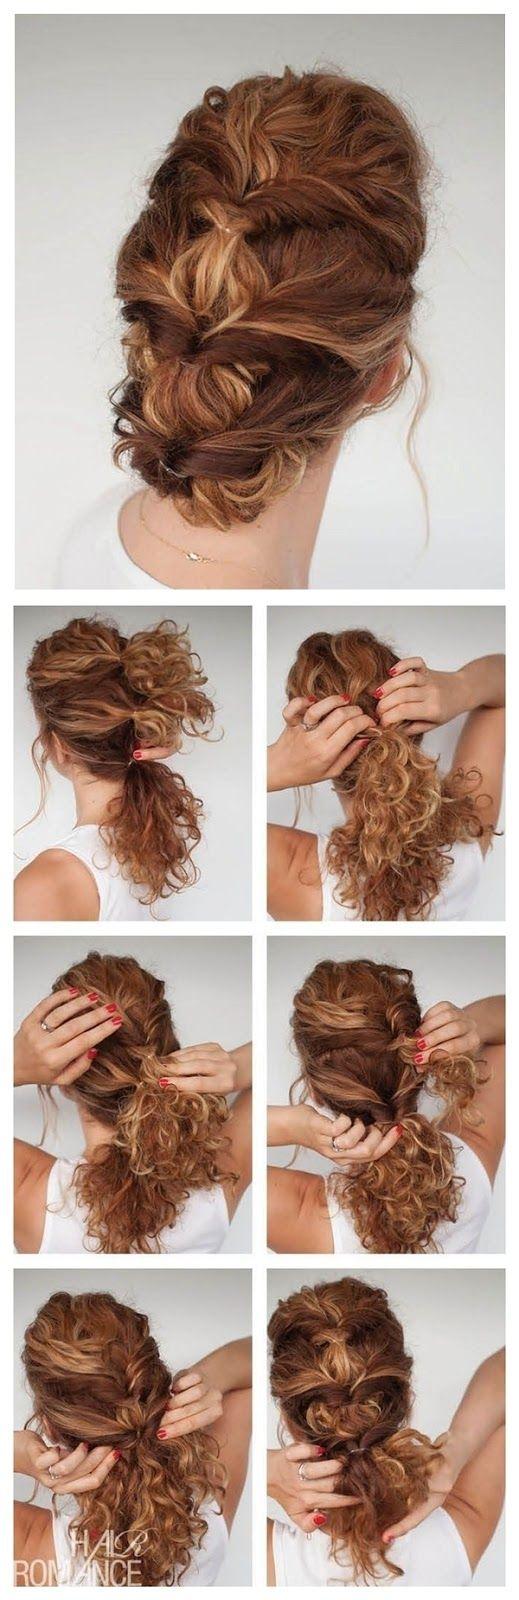 Dicas da Fê : 7 Penteados Incríveis e Estilosos para Cabelos Cacheados